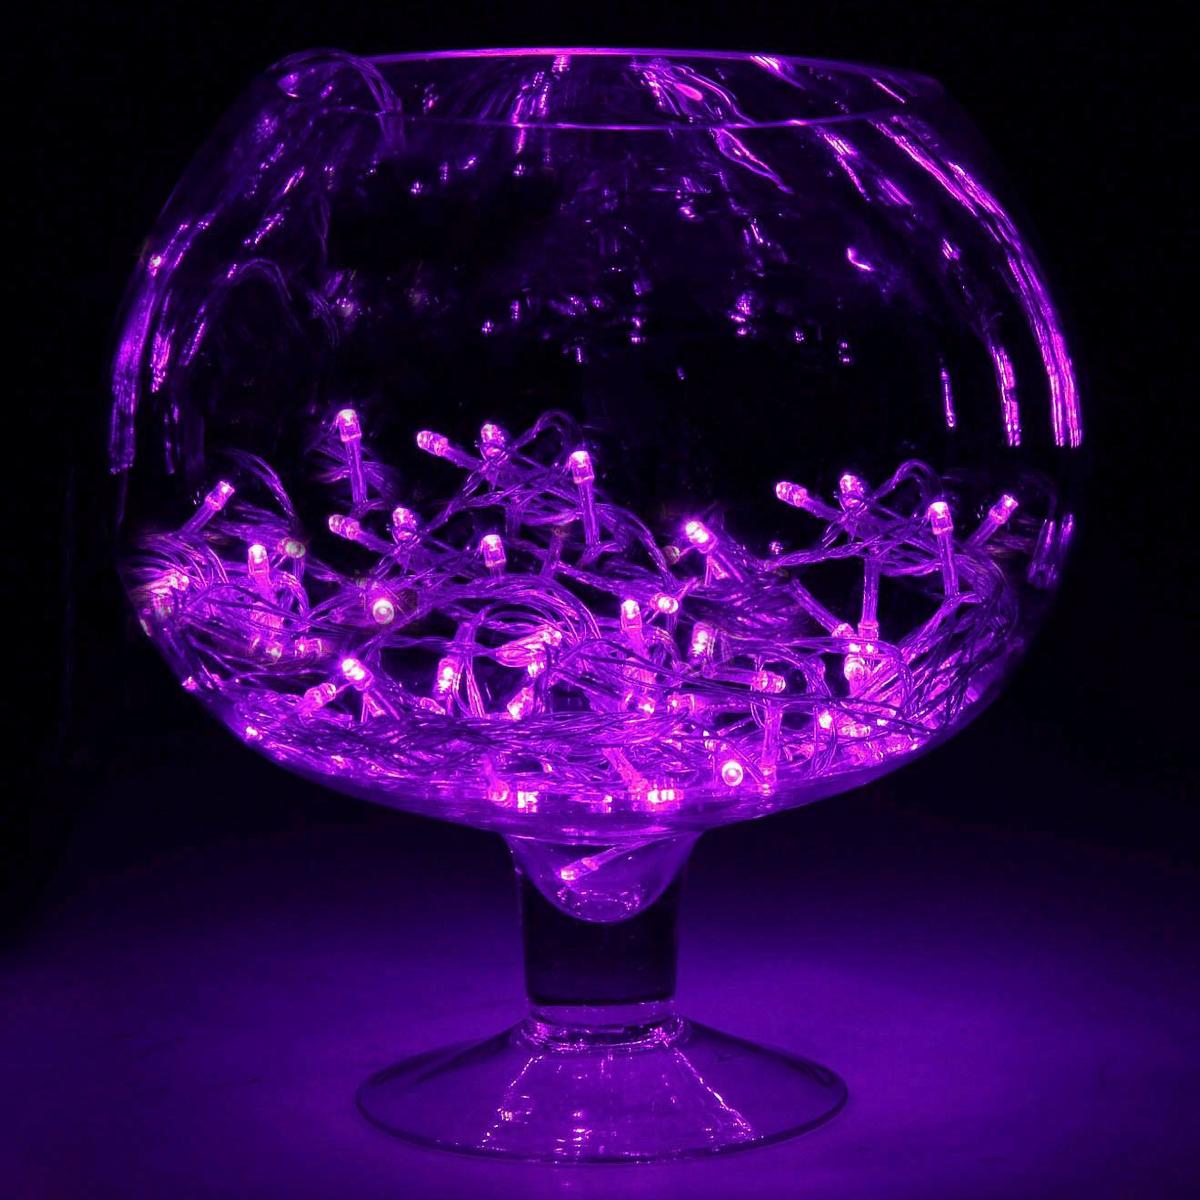 Гирлянда светодиодная Luazon Метраж, цвет: фиолетовый, 200 ламп, 8 режимов, 220 V, длина 20 м. 187167187167Светодиодные гирлянды и ленты — это отличный вариант для новогоднего оформления интерьера или фасада. С их помощью помещение любого размера можно превратить в праздничный зал, а внешние элементы зданий, украшенные ими, мгновенно станут напоминать очертания сказочного дворца. Такие украшения создают ауру предвкушения чуда. Деревья, фасады, витрины, окна и арки будто специально созданы, чтобы вы украсили их светящимися нитями.